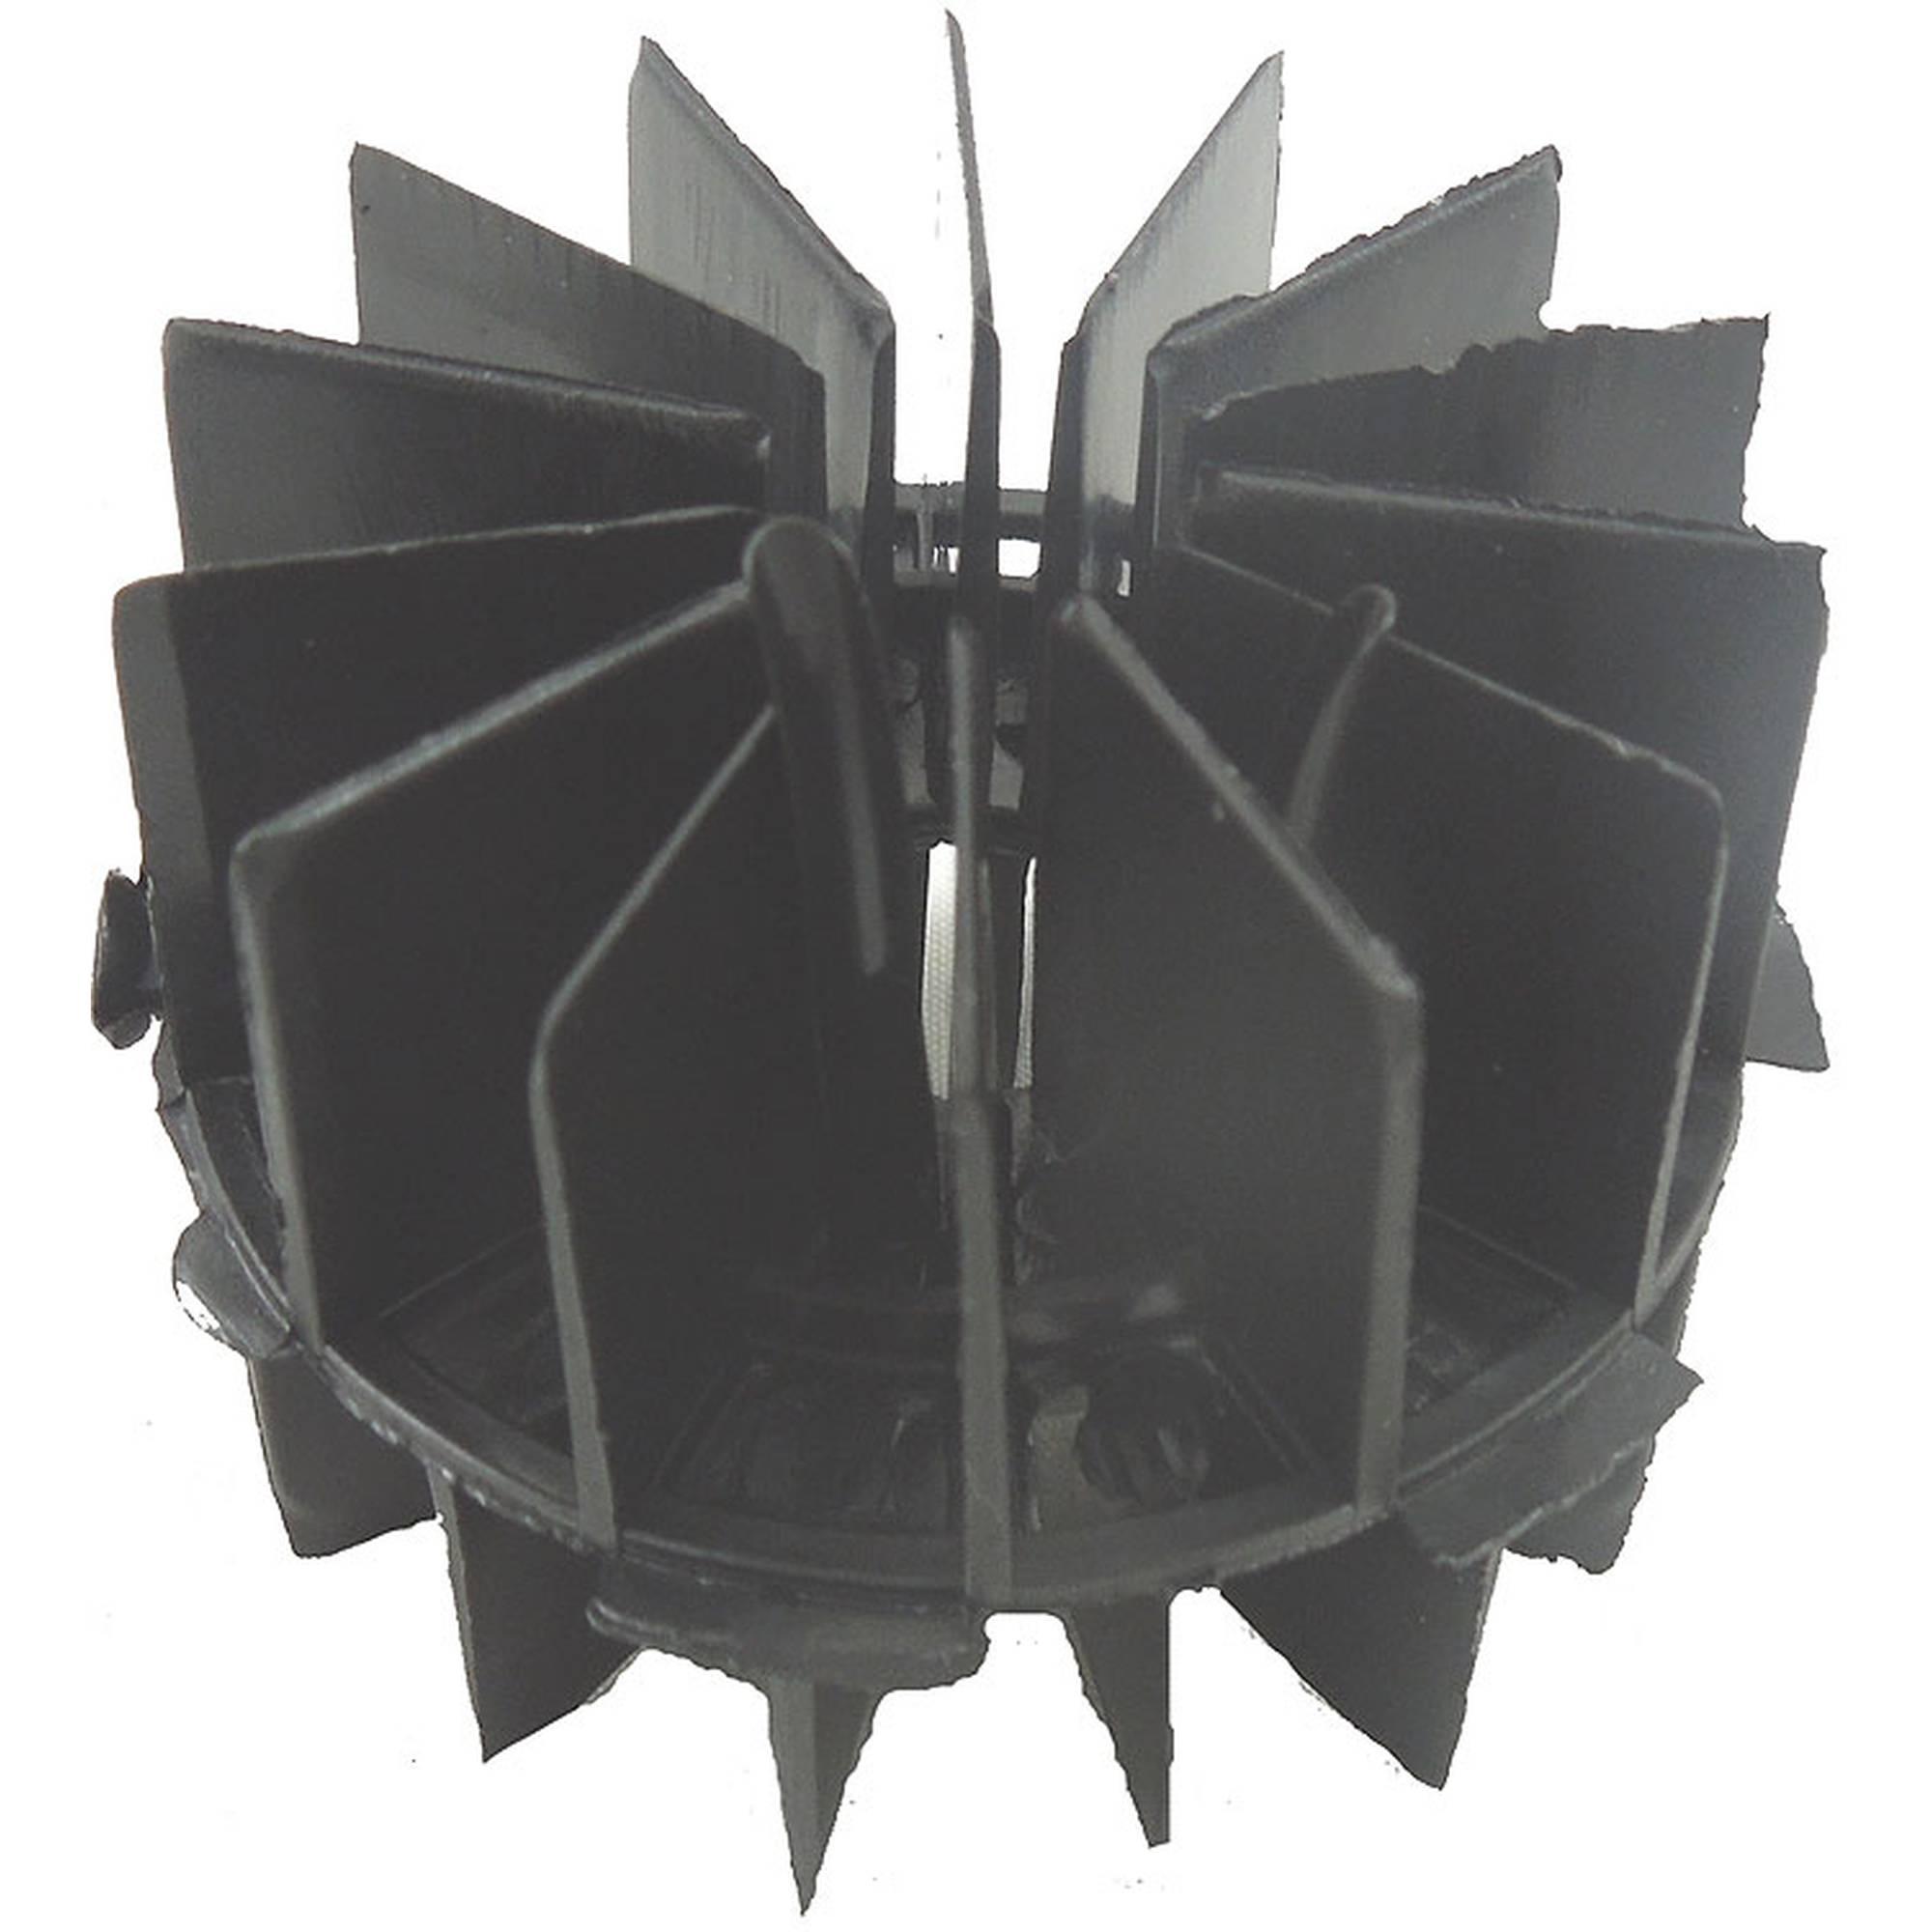 Einsatzkorb für Biokugeln F30000-00/FPU36000-00